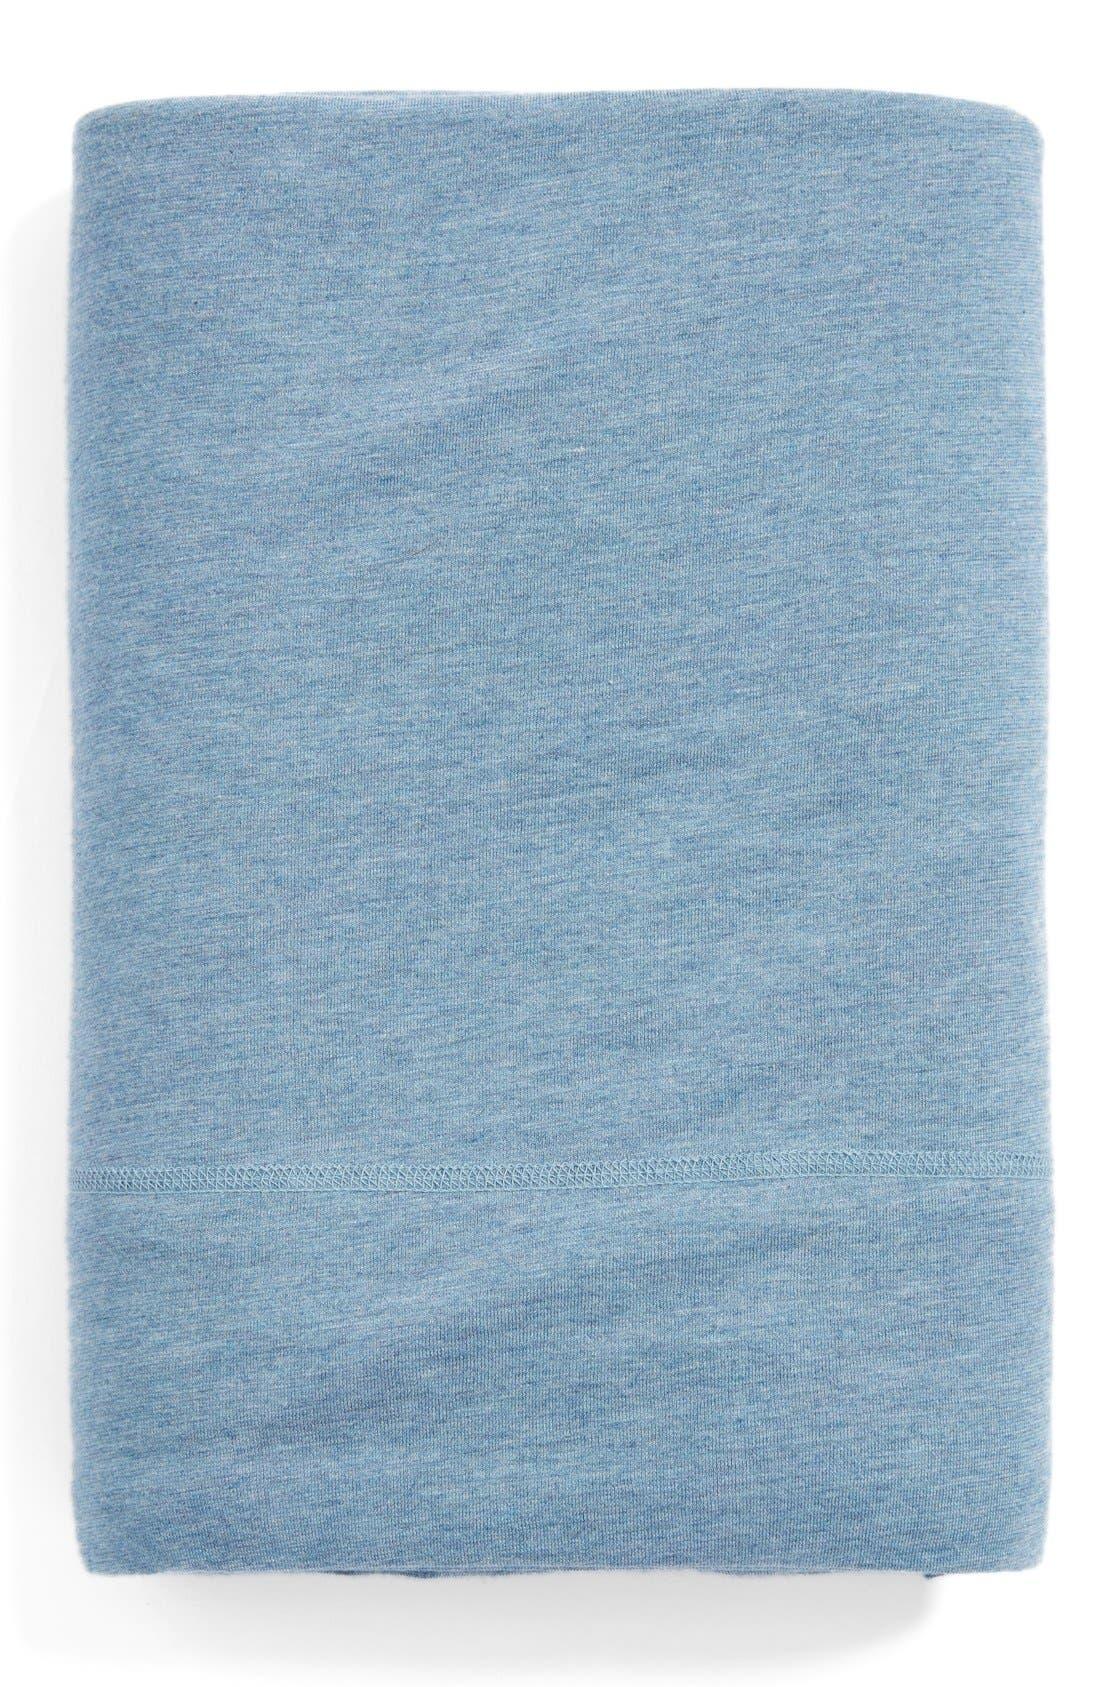 Calvin Klein 'Modern Cotton Collection' Cotton & Modal Flat Sheet